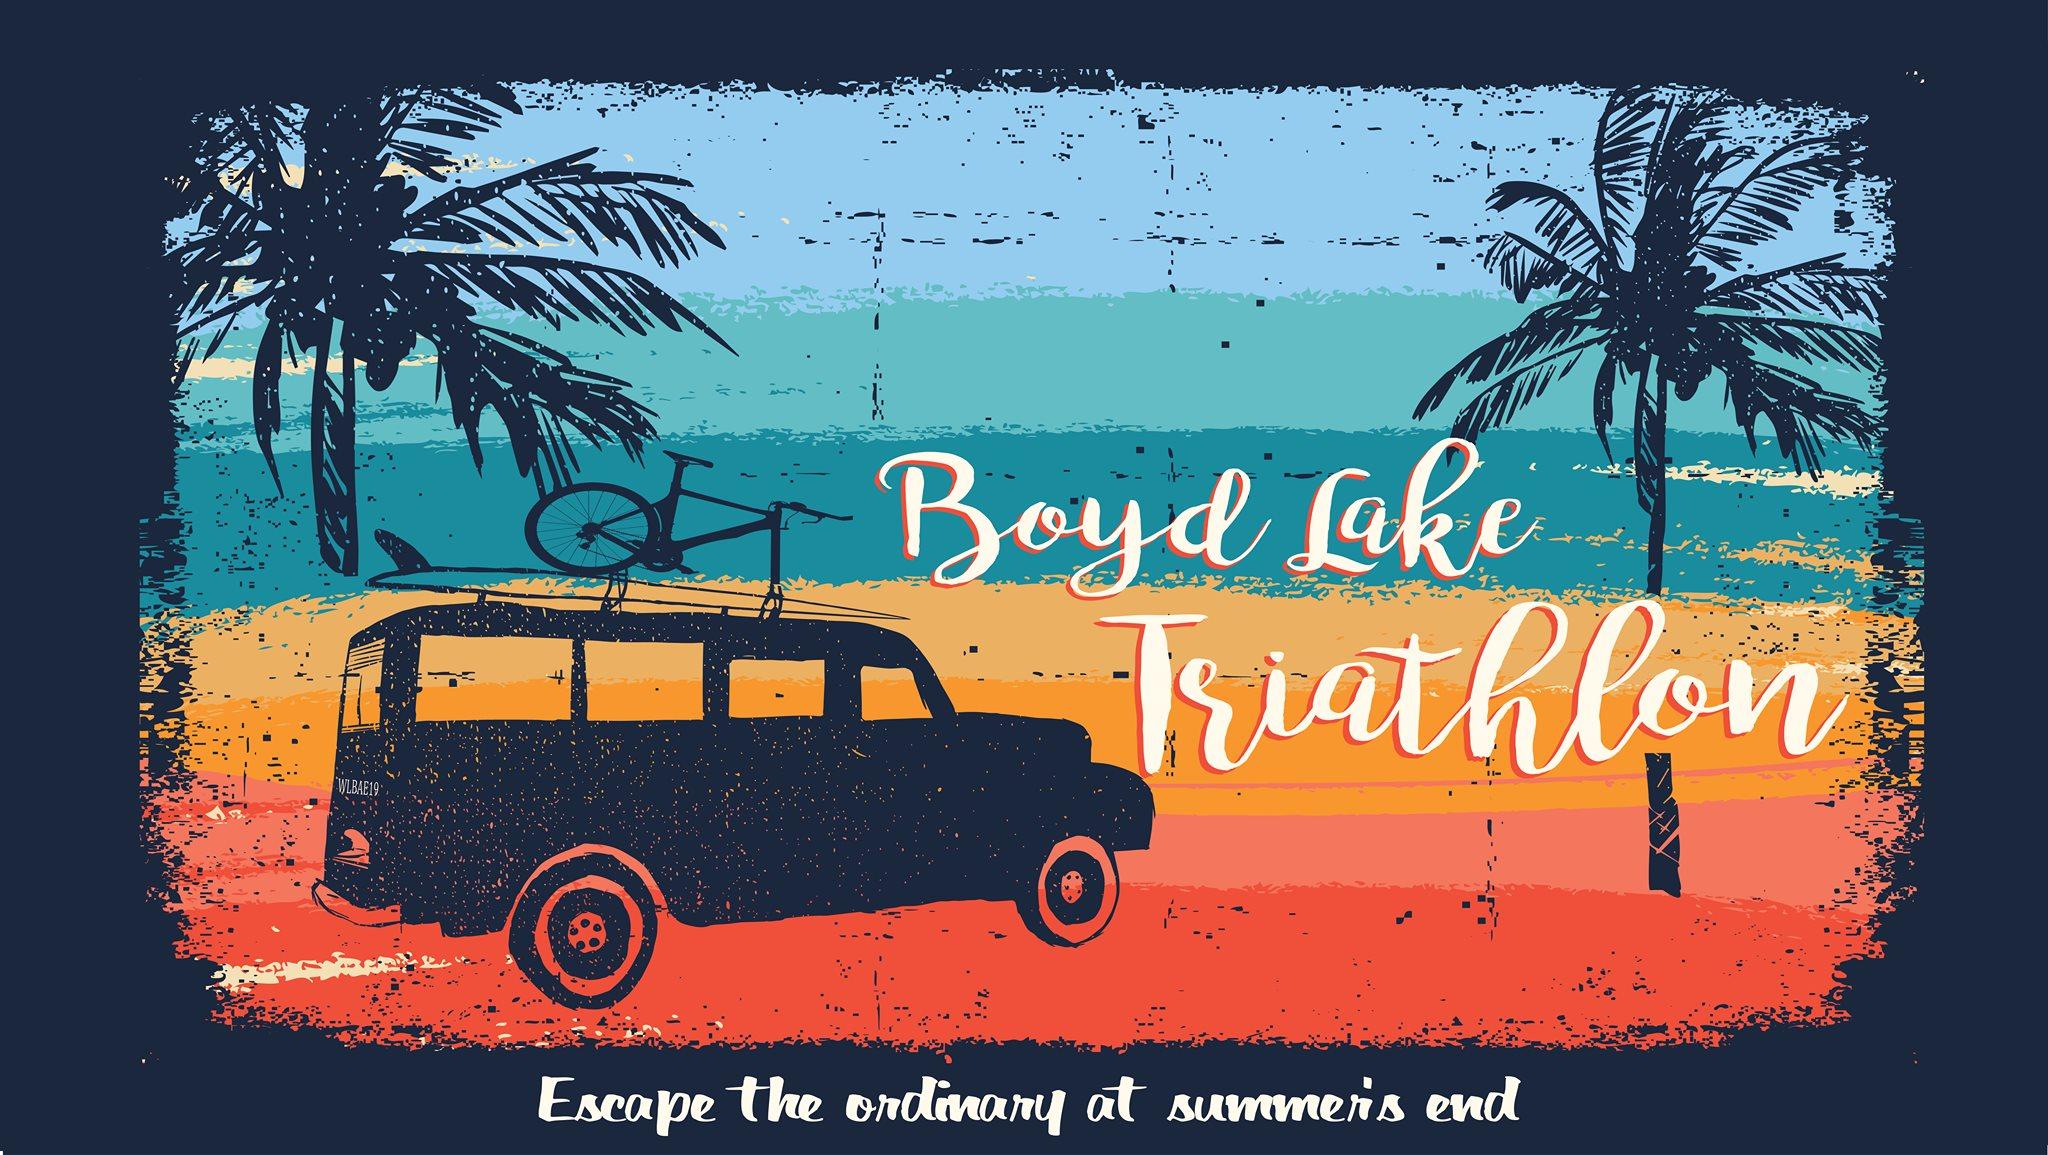 The Boyd Lake Bash Multisport Festival